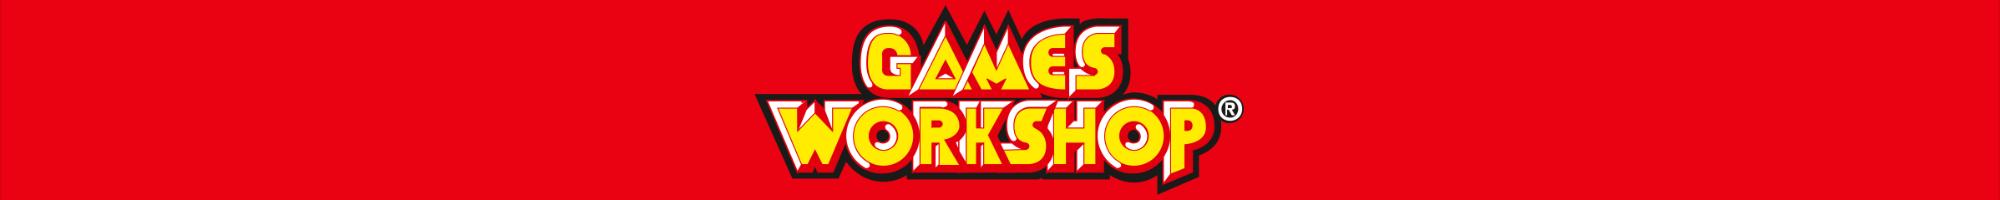 Games Workshop Juegos de mesa